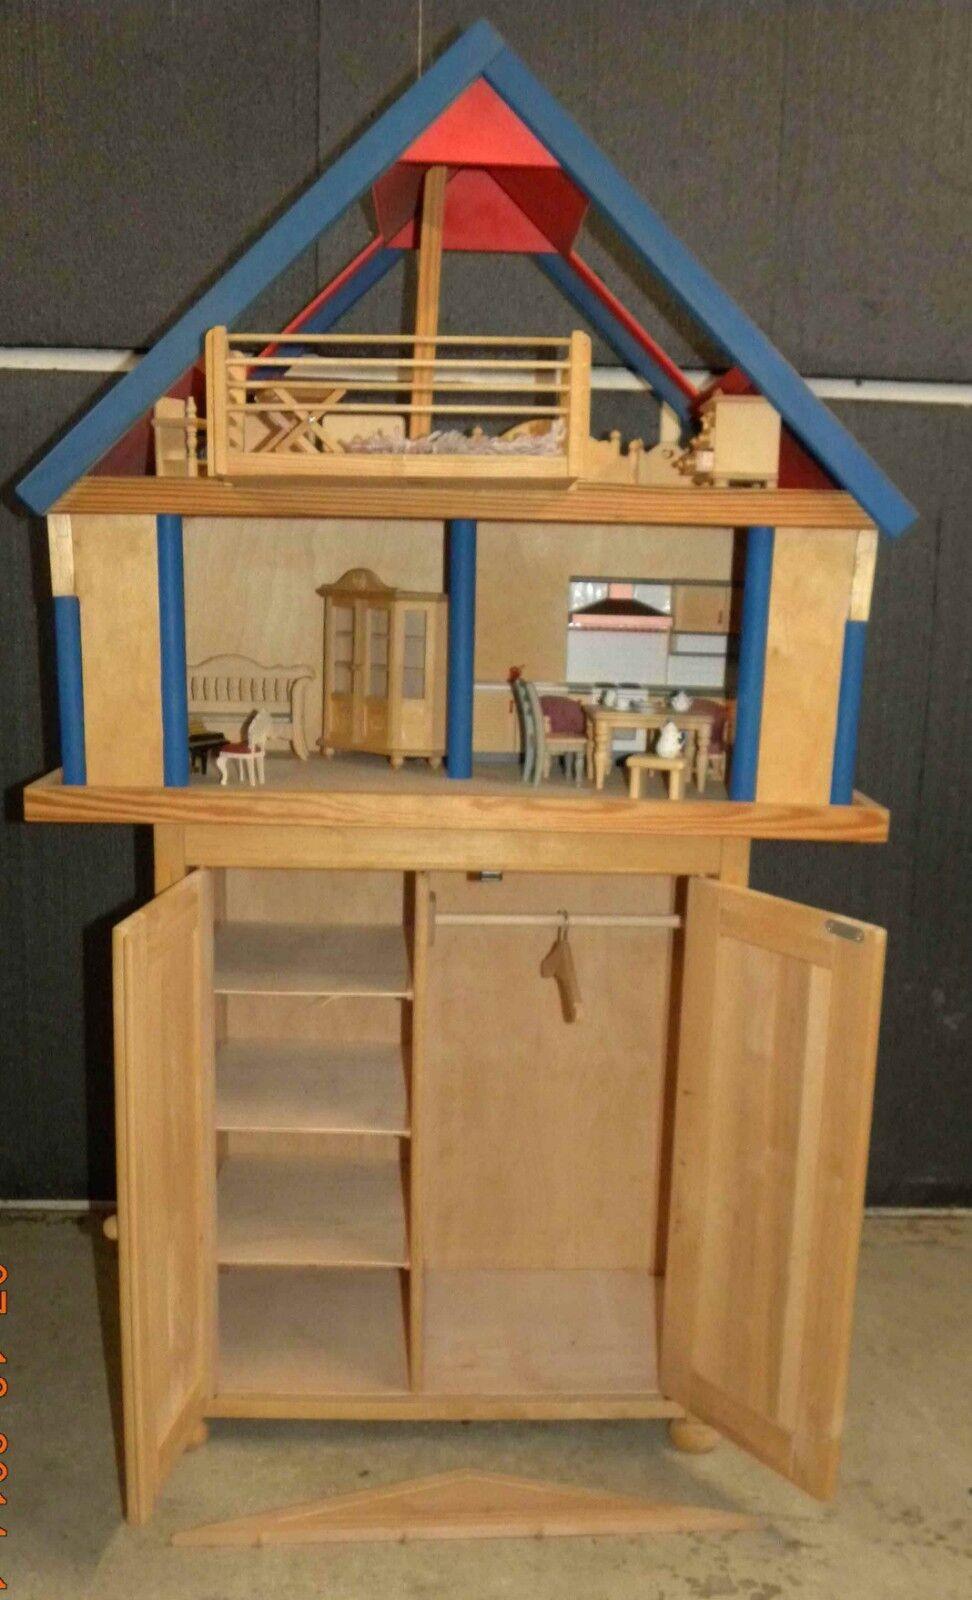 Puppenhaus hochwertig aus Holz mit Unterschrank, Puppen, Möbel und Zubehör  | Reichhaltiges Design